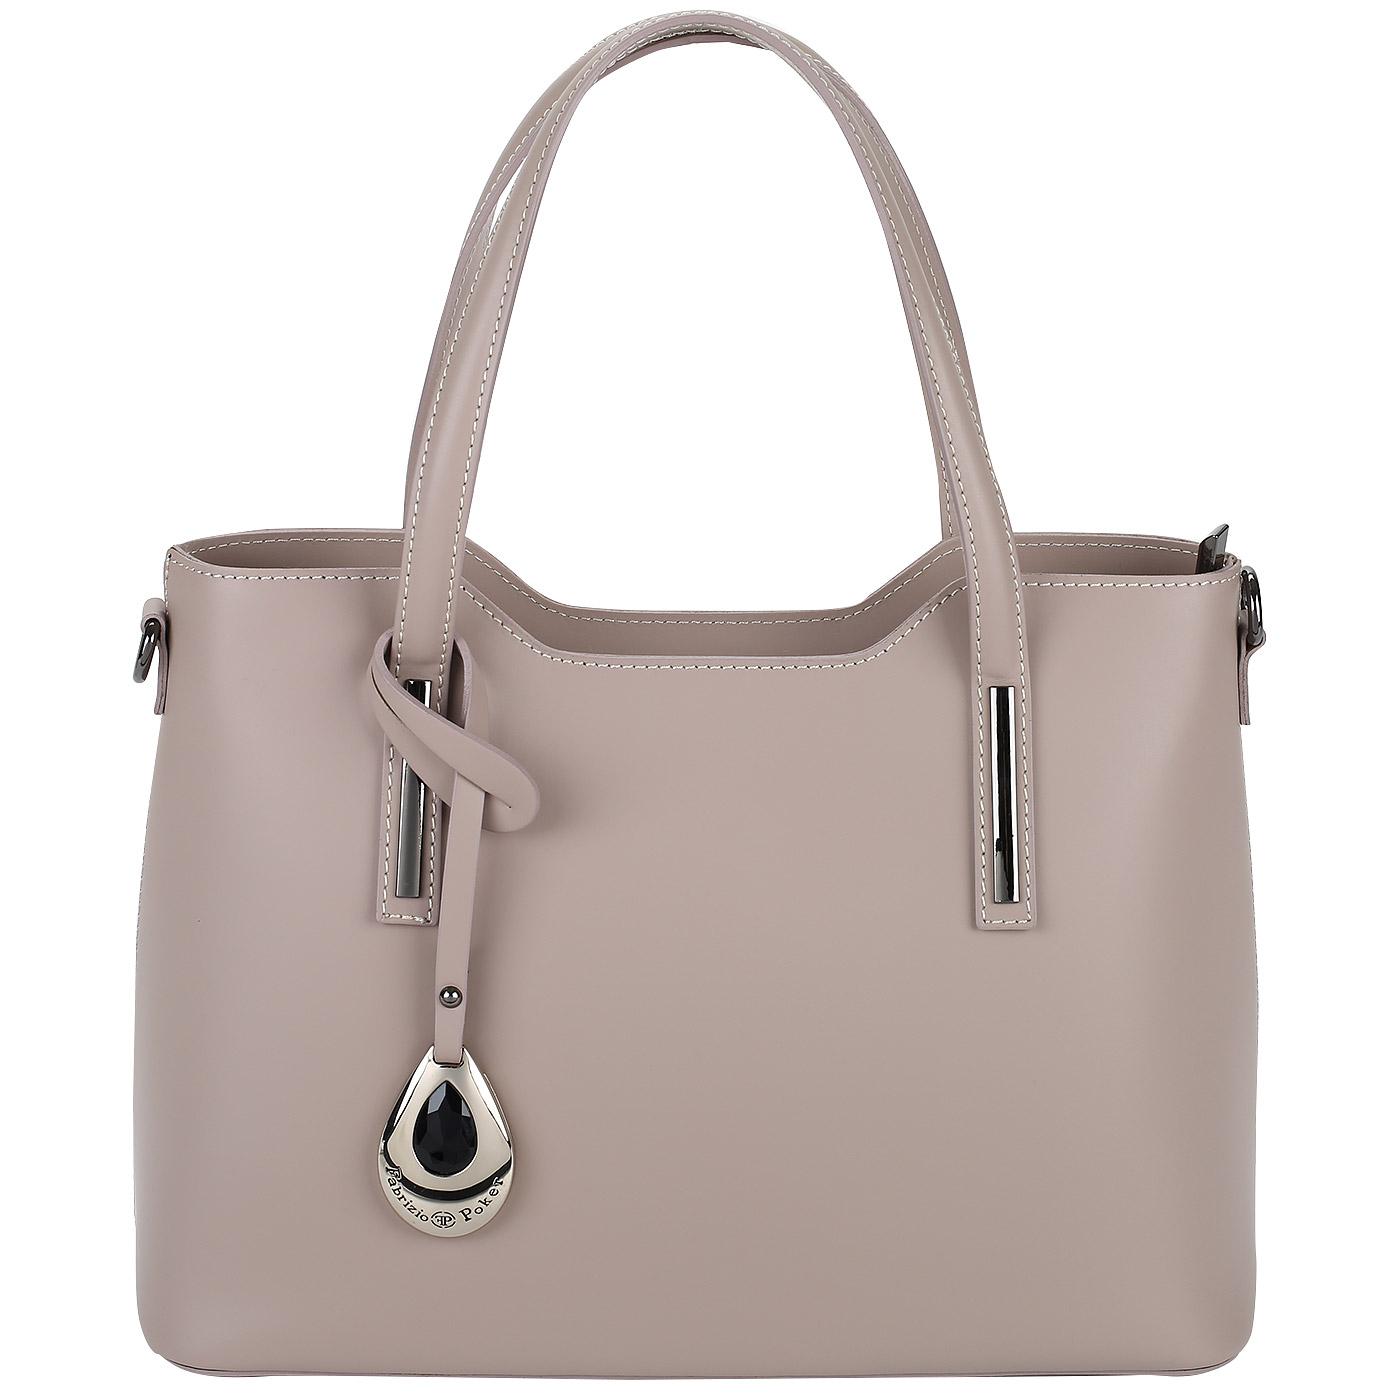 83fbbe26df02 ... Розовая женская сумка из натуральной кожи Fabrizio Poker 013 ...